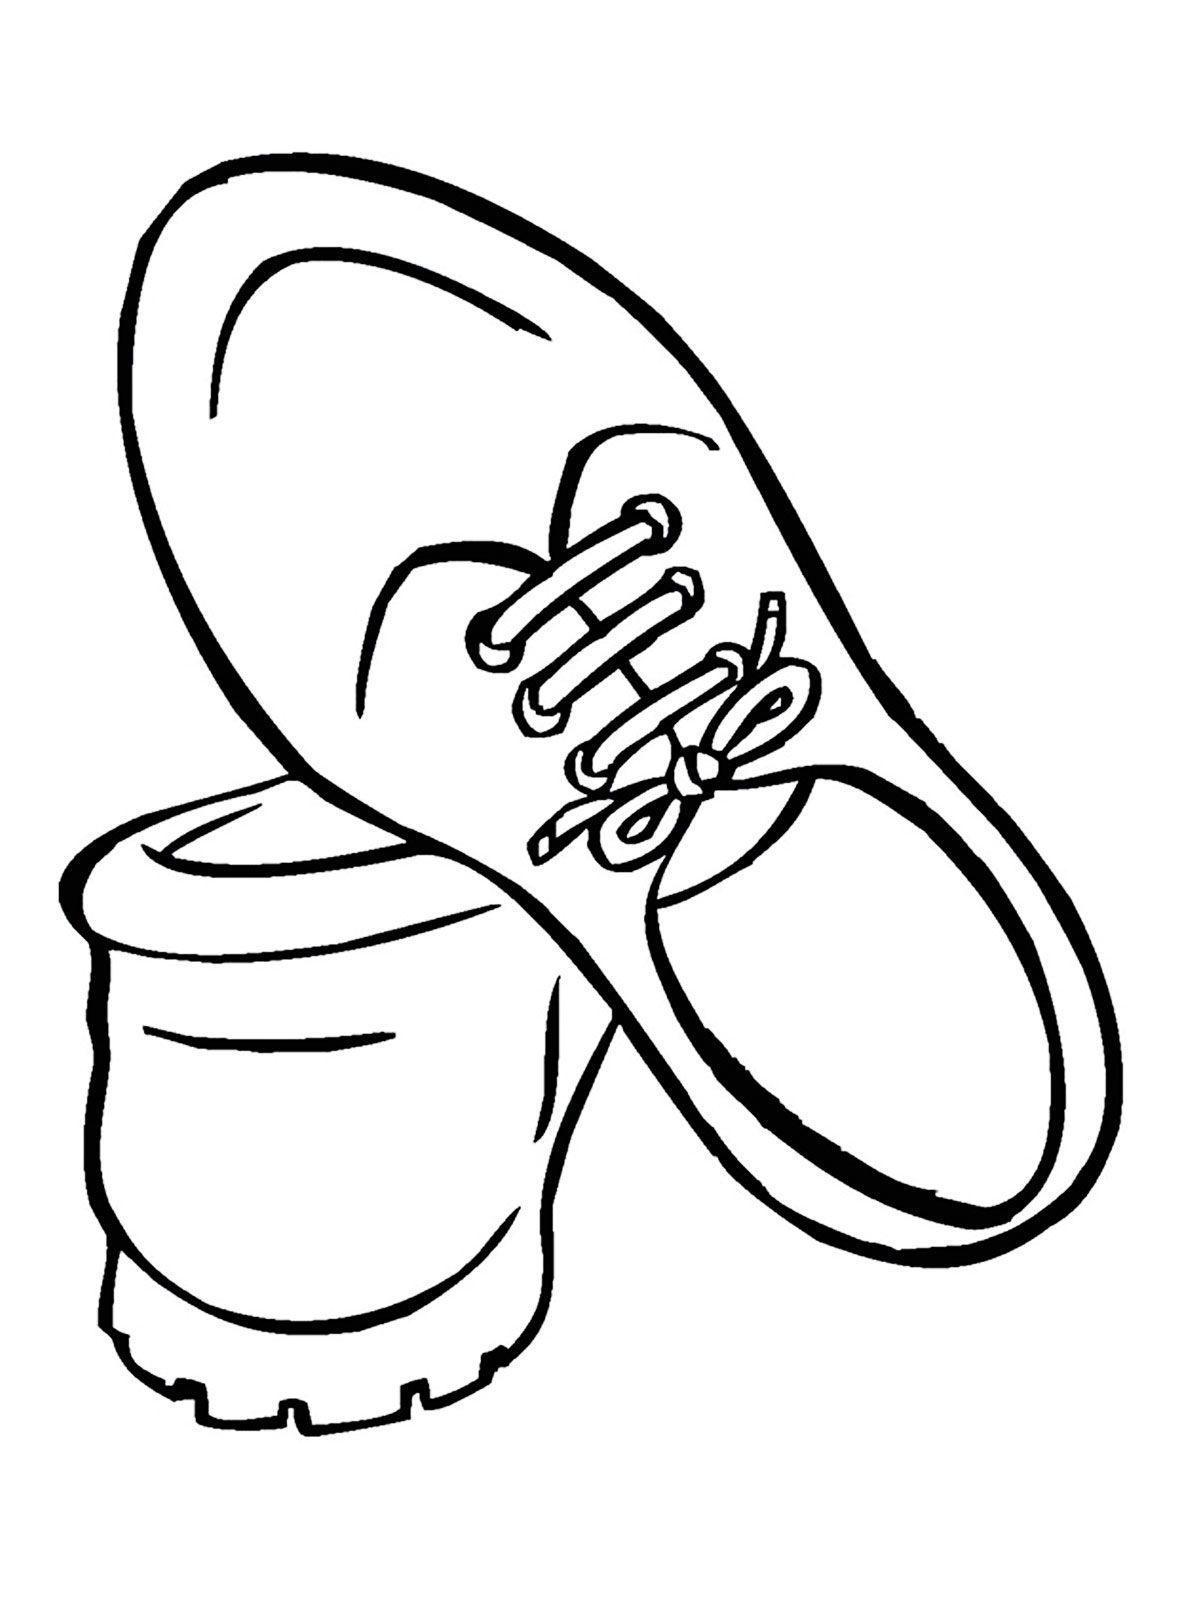 Картинка раскраска туфли для детей